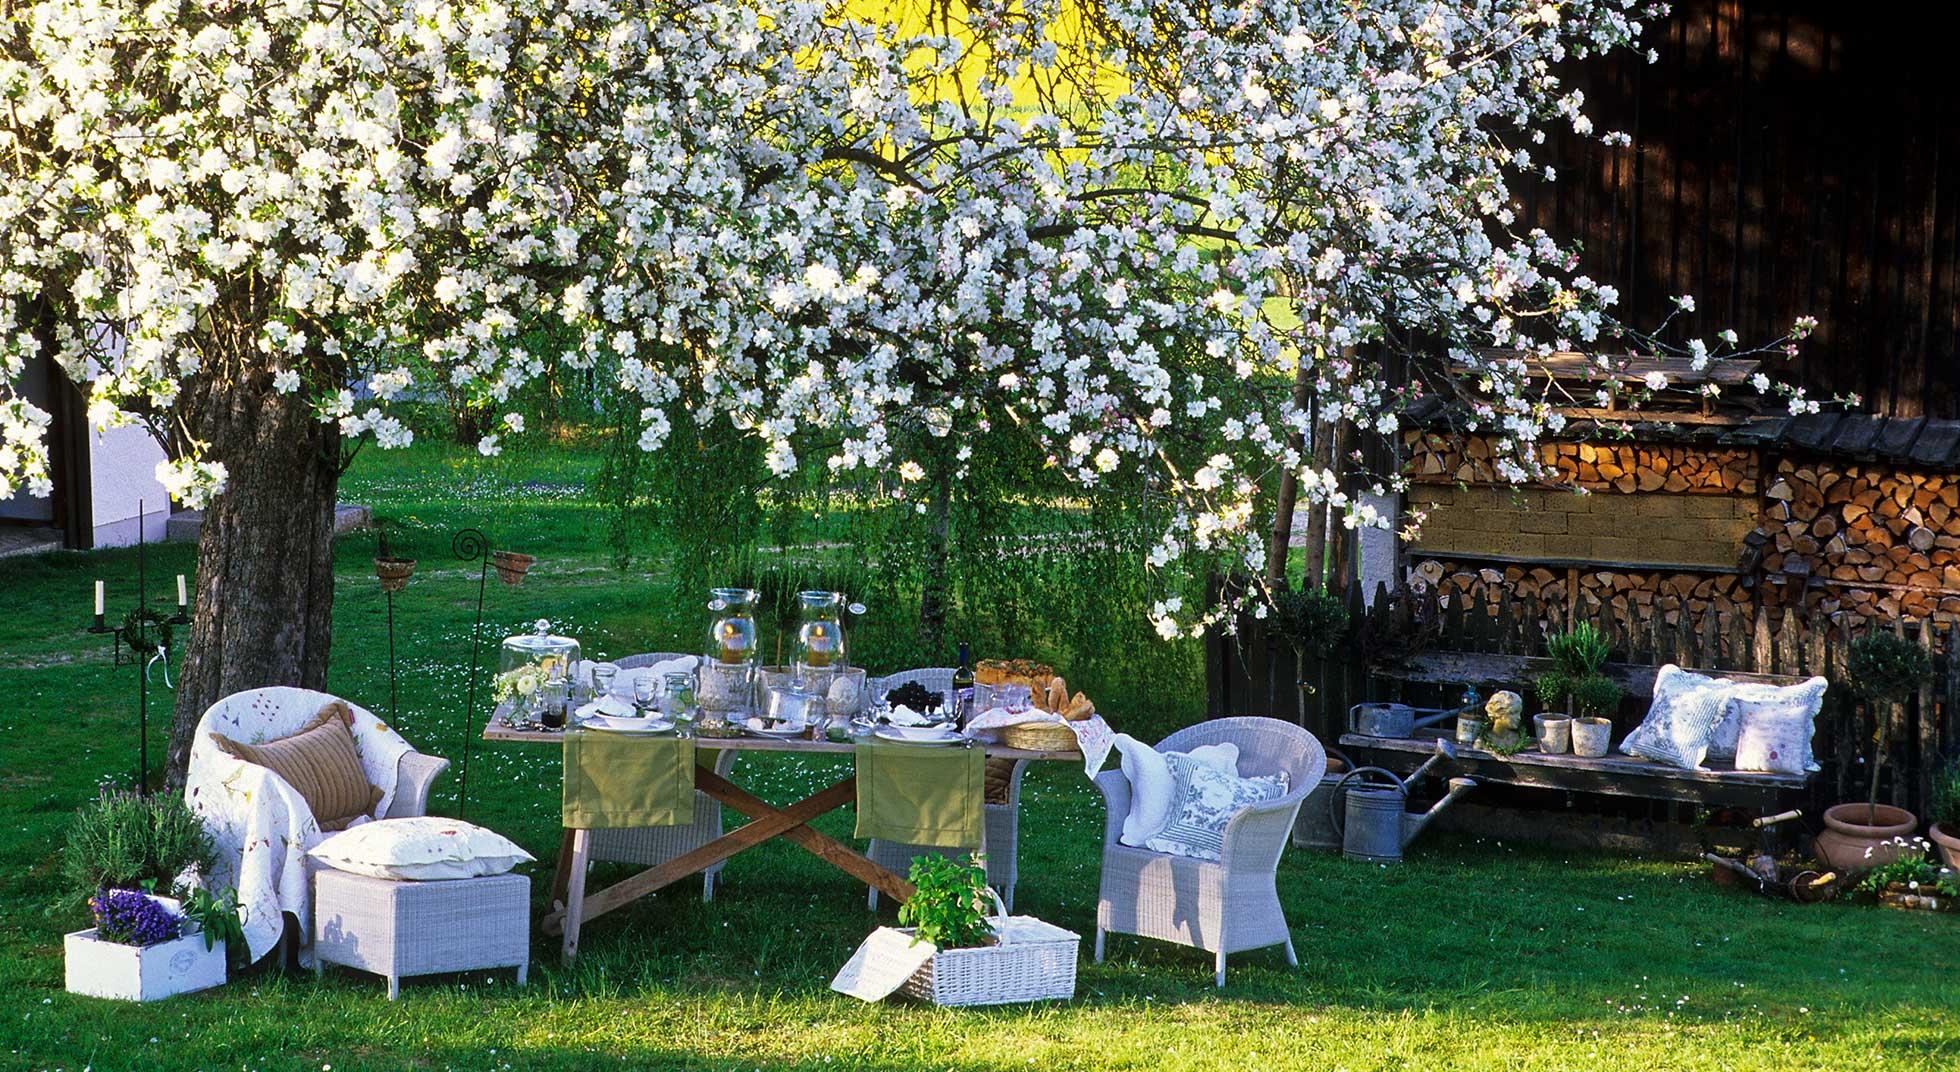 5 trucchi per la festa in giardino aia food - Organizzare le pulizie di casa quando si lavora ...